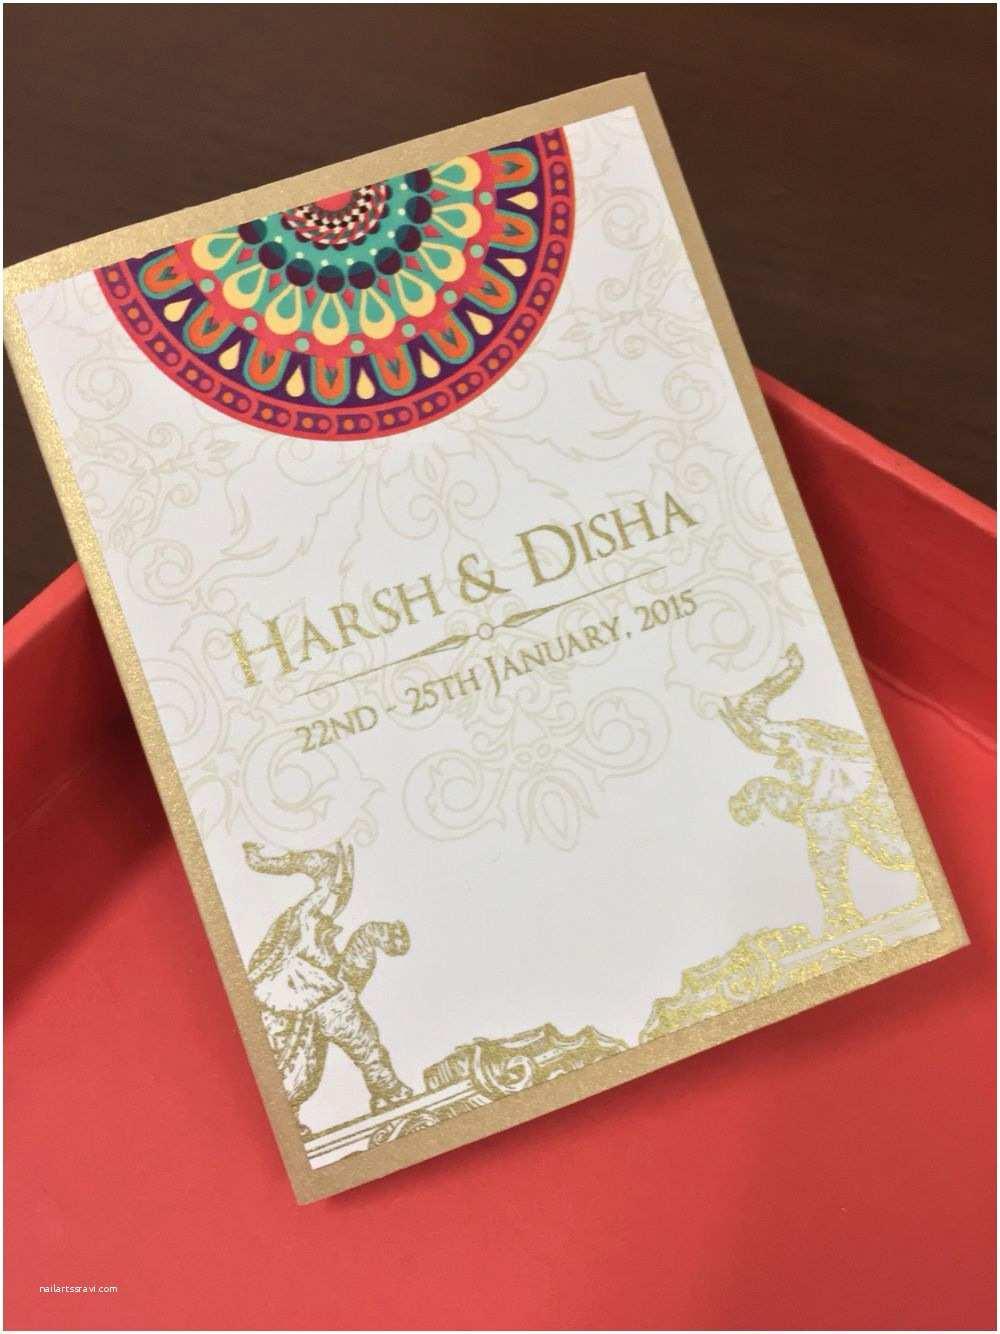 Laser Cut Indian Wedding Invitations Wedding Invitations Cards Indian Wedding Cards Invites